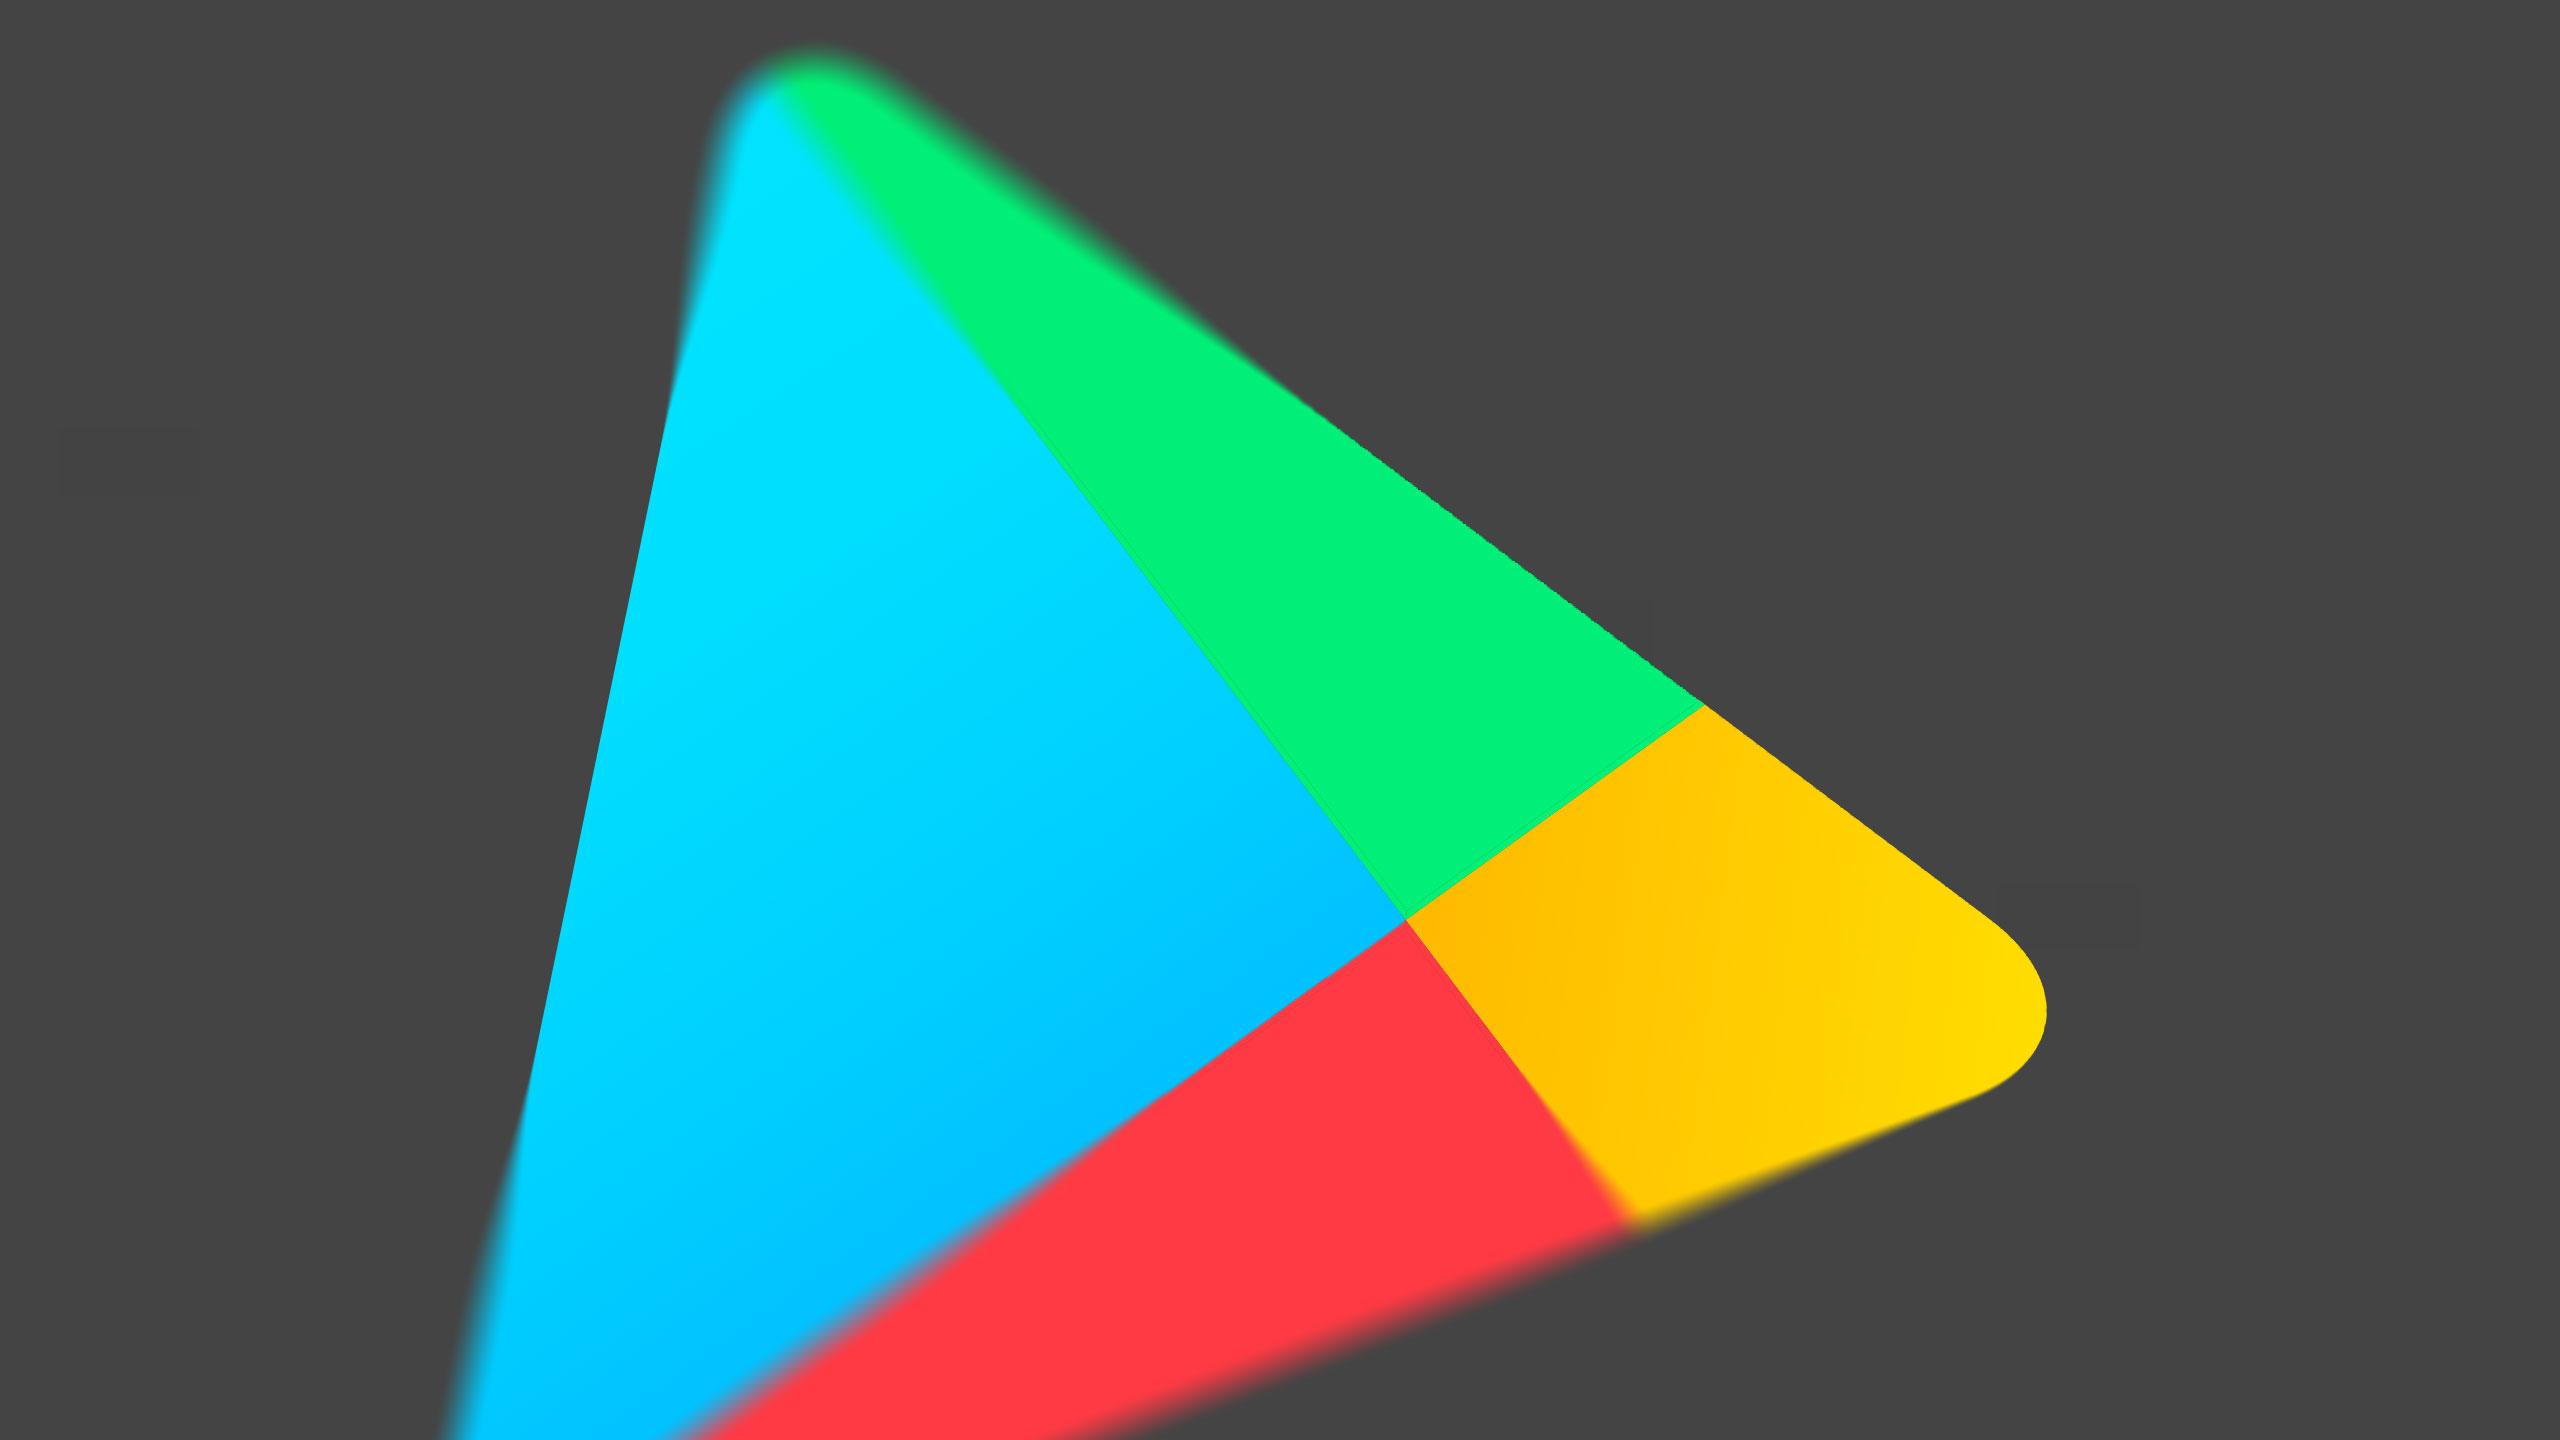 وجود ۴۲ آگهی افزار در گوگل پلی خبرساز شد